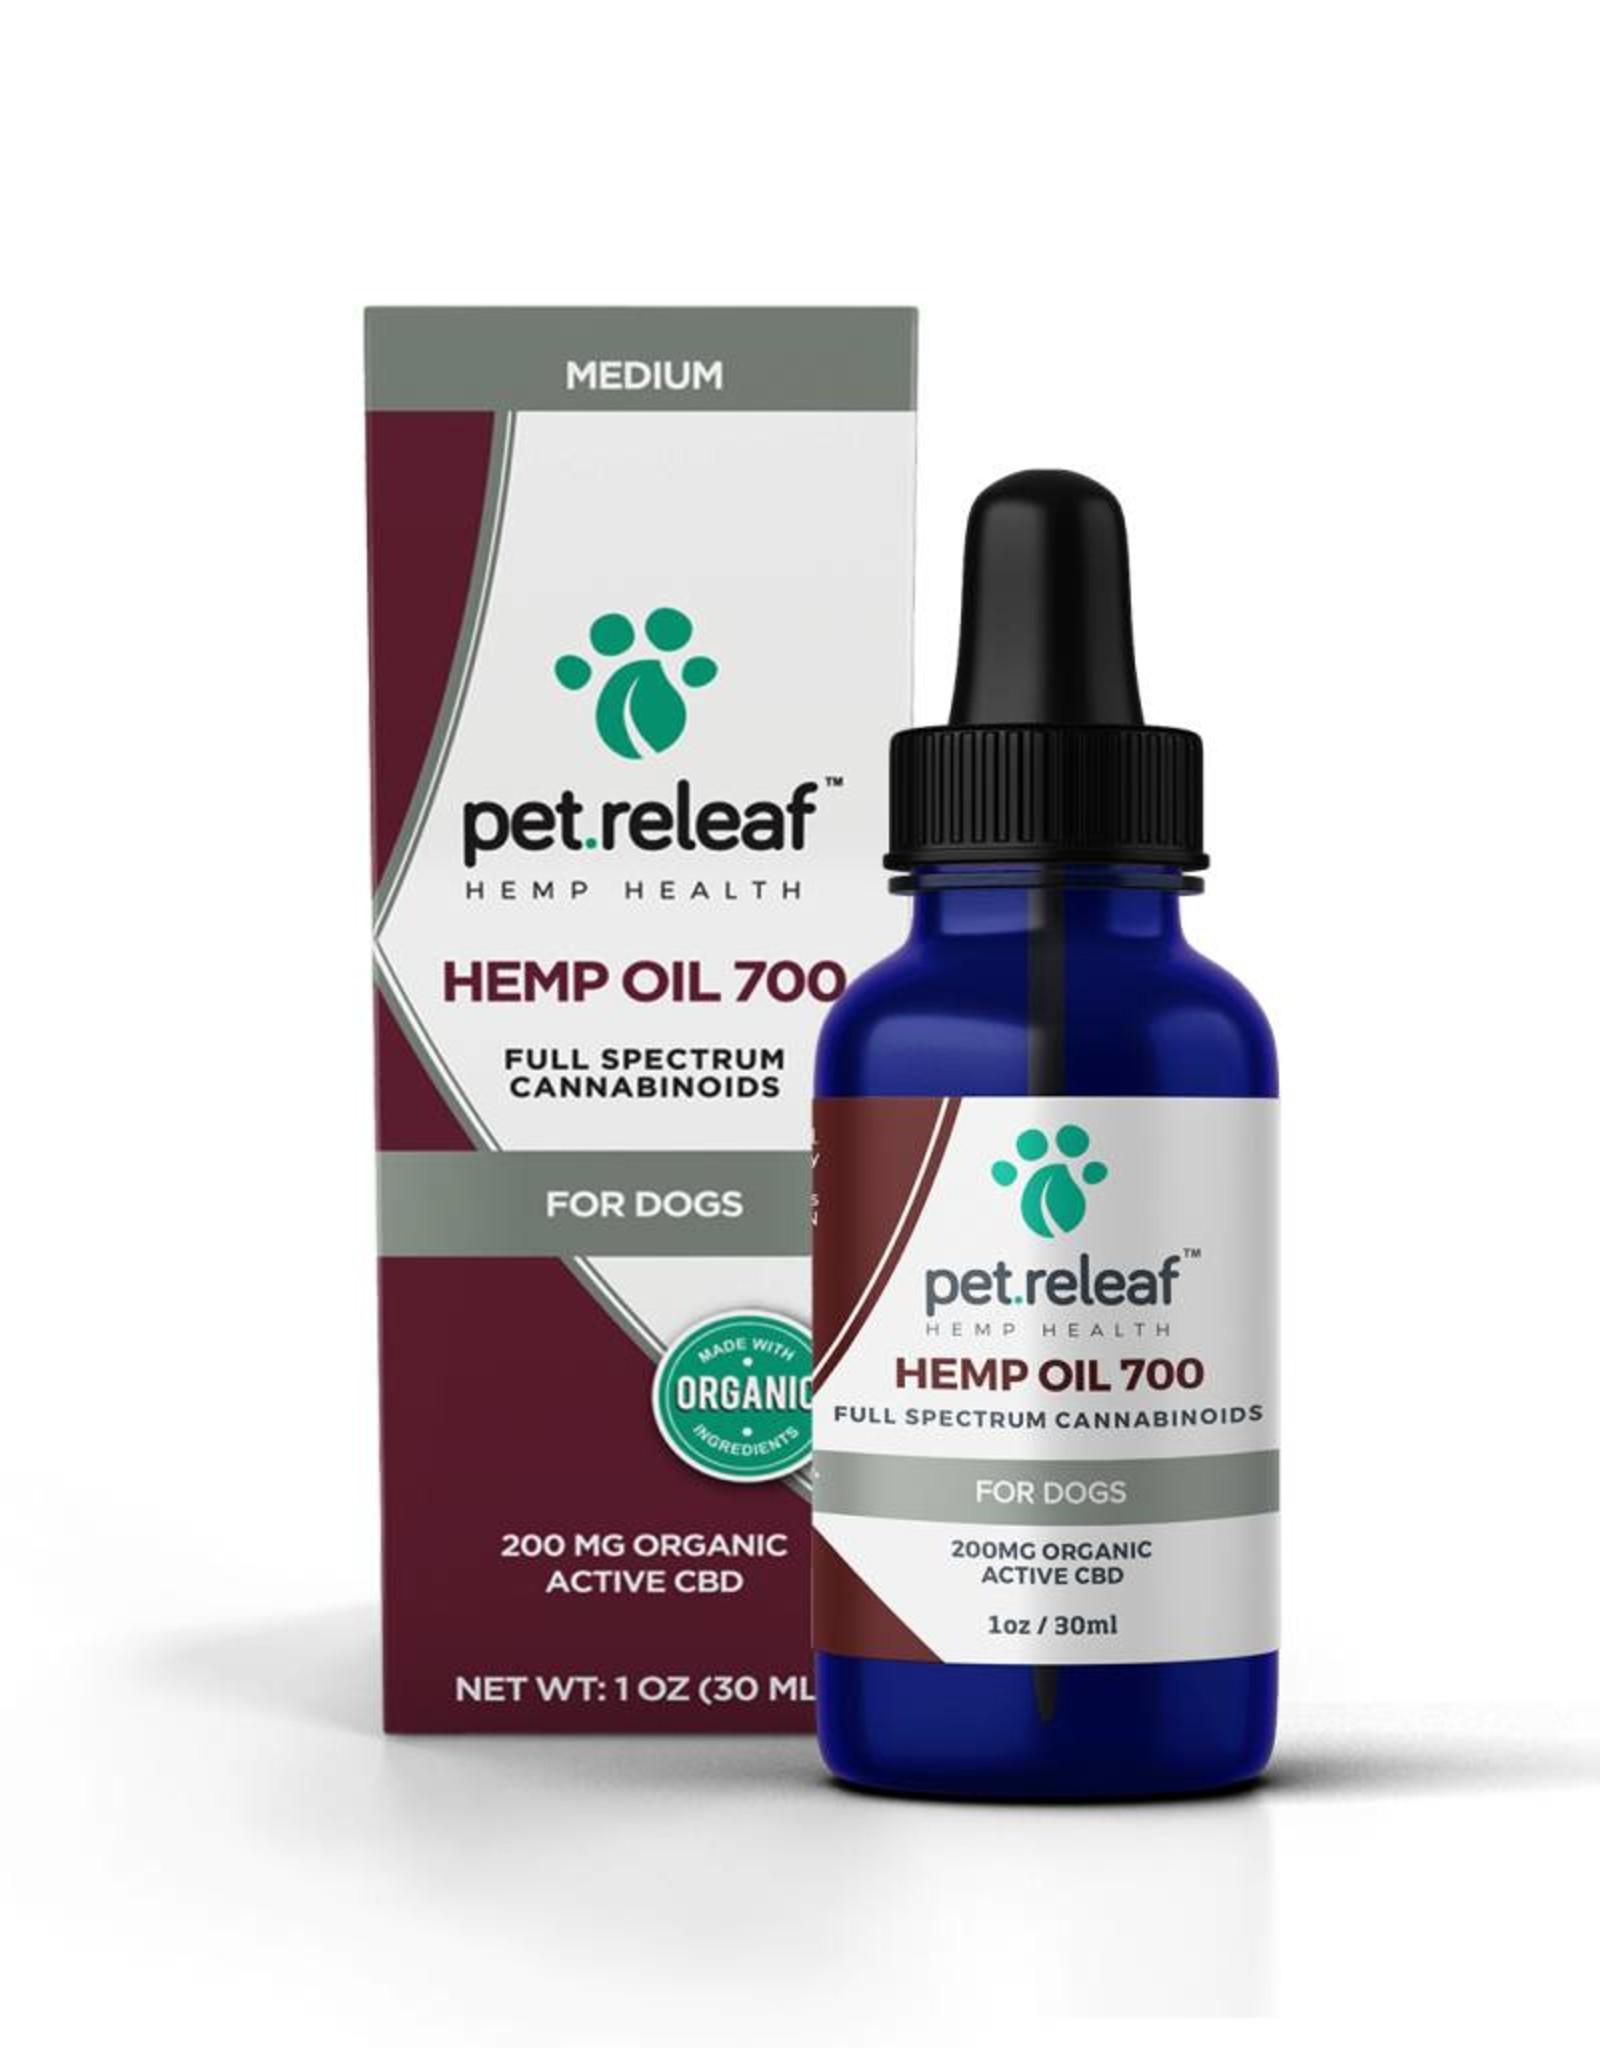 Pet Releaf Pet Releaf CBD Hemp Oil 700 (200mg Active CBD)